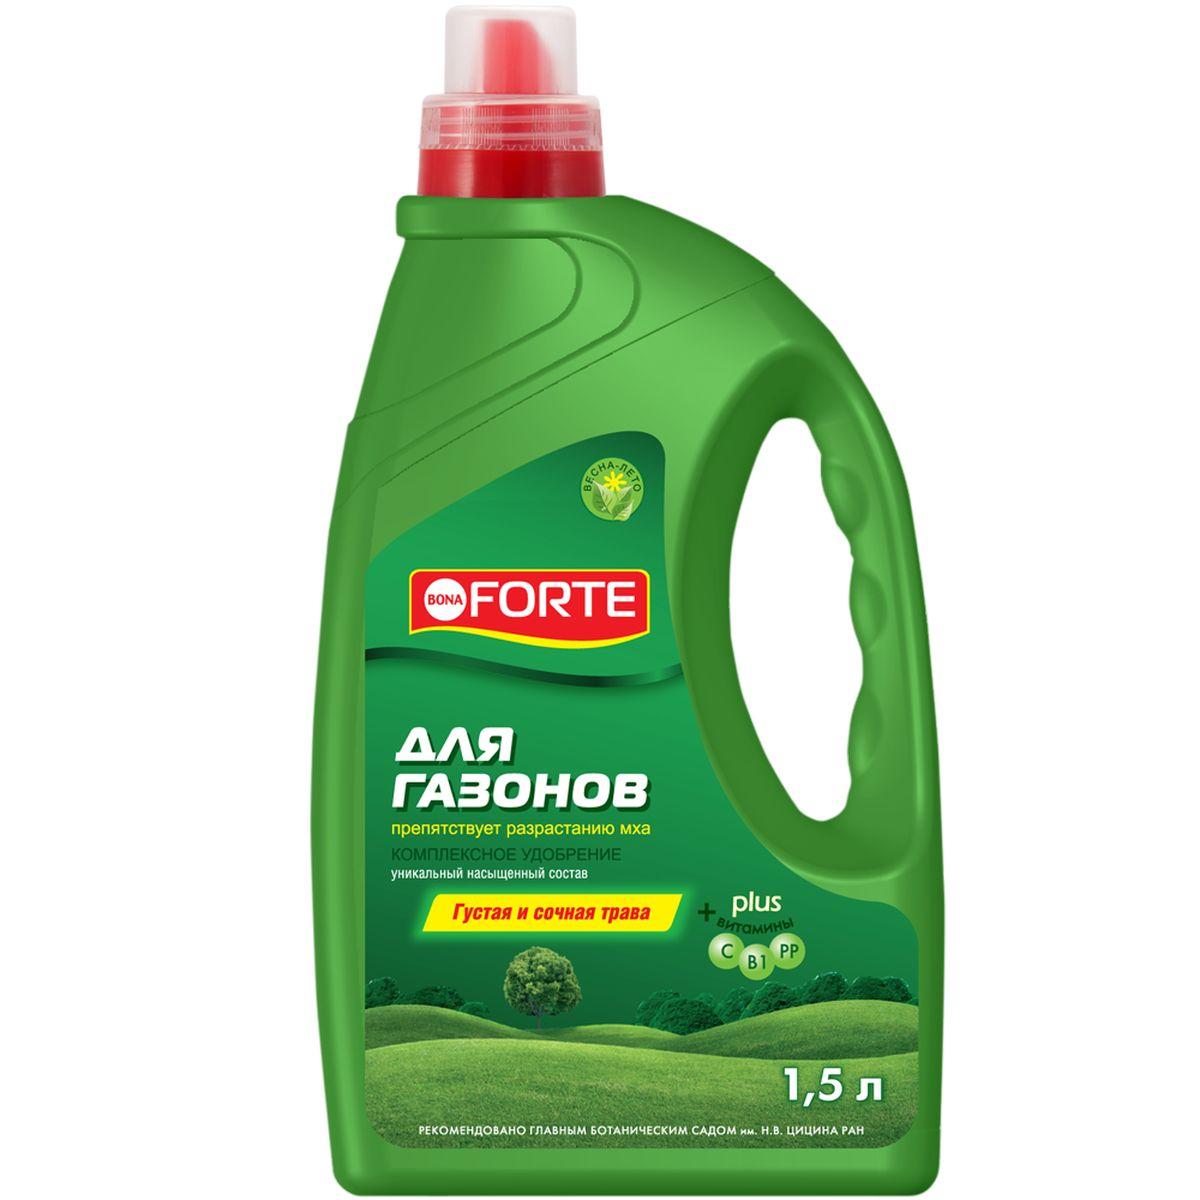 Жидкое комплексное удобрение Bona Forte, для газонов, 1,5 лBF-21-04-008-1Восстанавливает траву после скашивания, укрепляет и уплотняет травяной покров, придает сочный и яркий зеленый цвет газону.